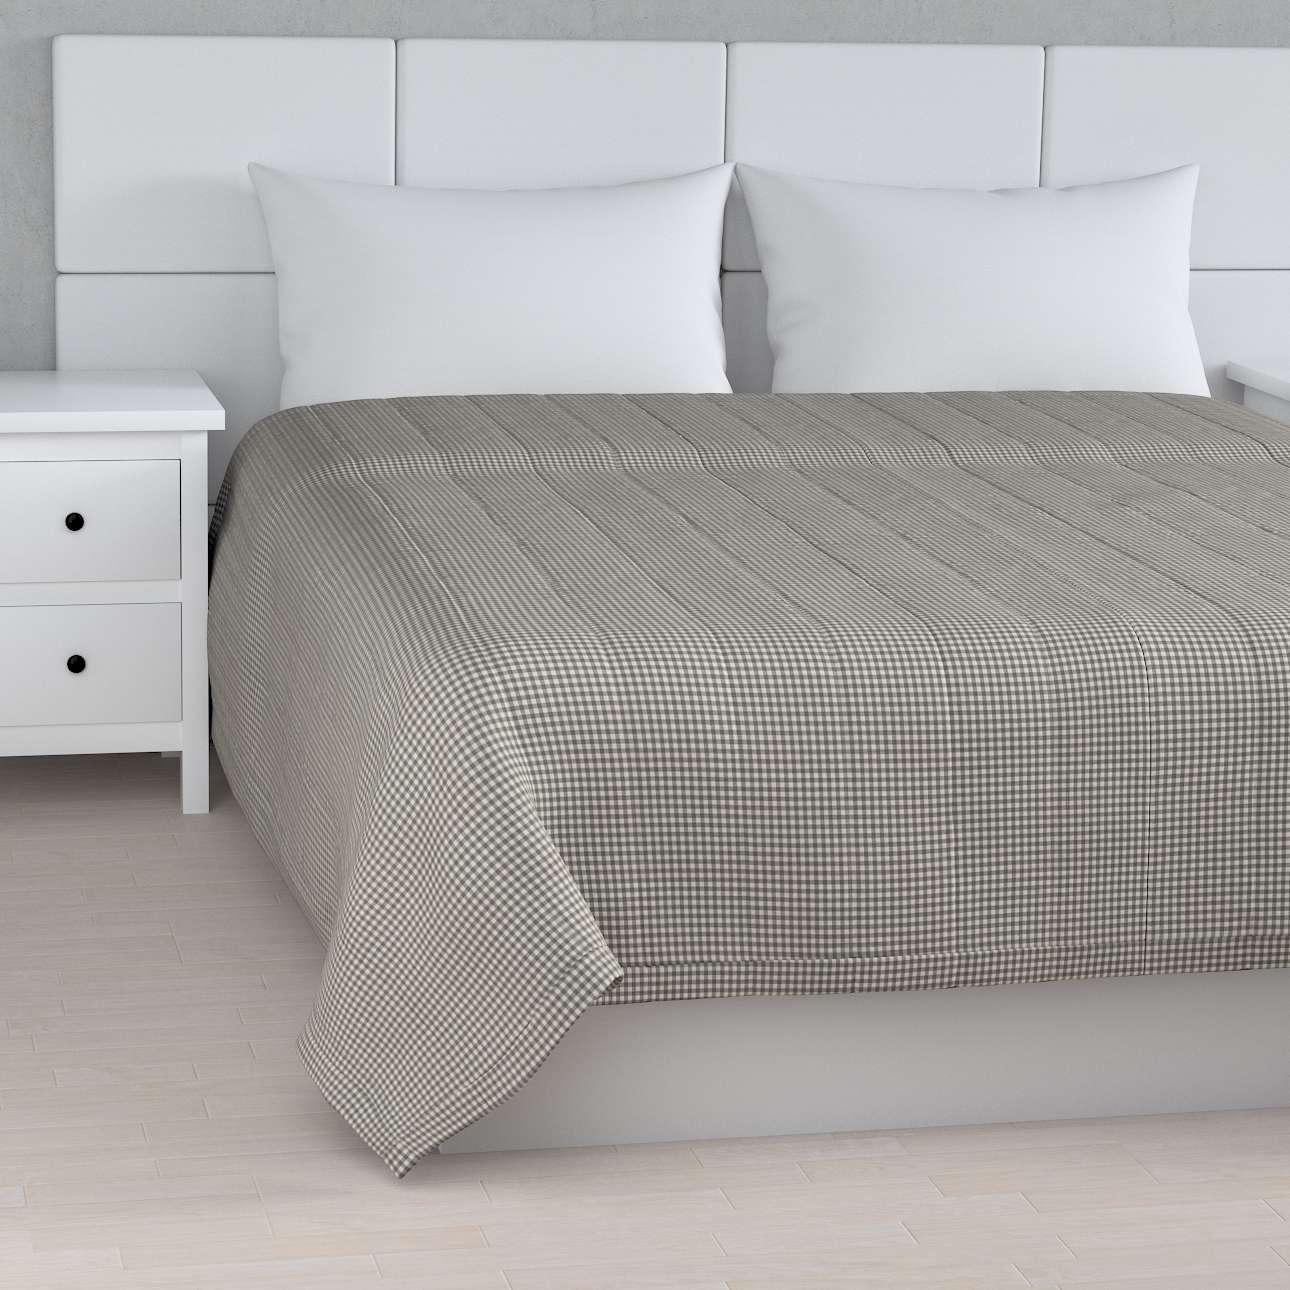 Tagesdecke mit Streifen-Steppung von der Kollektion Quadro, Stoff: 136-10